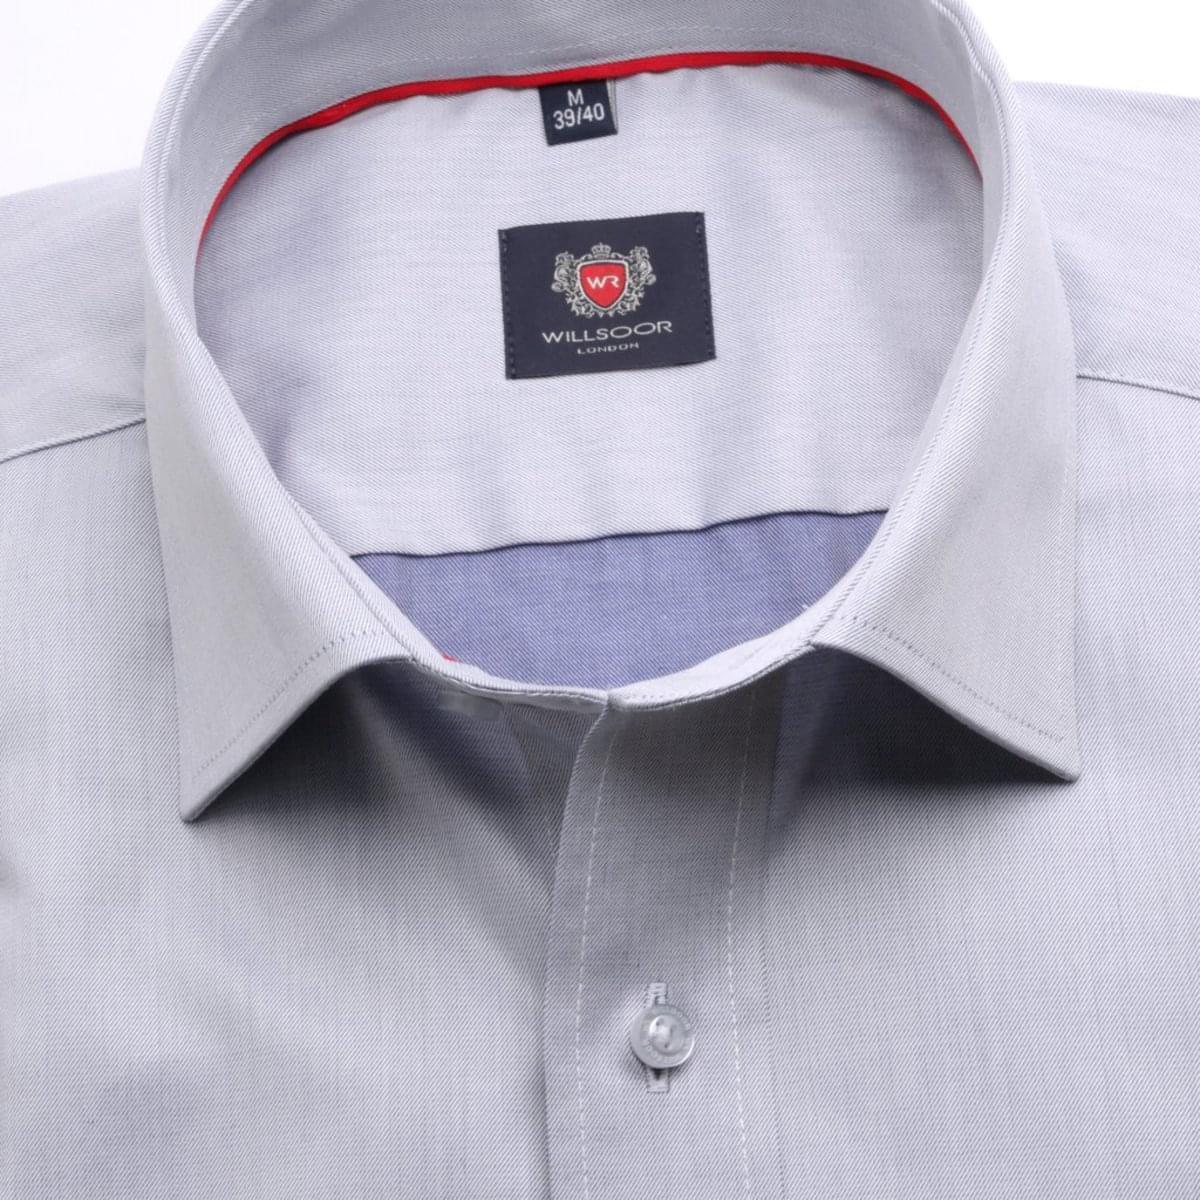 Pánská klasická košile London (výška 188-194) 6760 v šedé barvě s formulí Easy Care 188-194 / L (41/42)